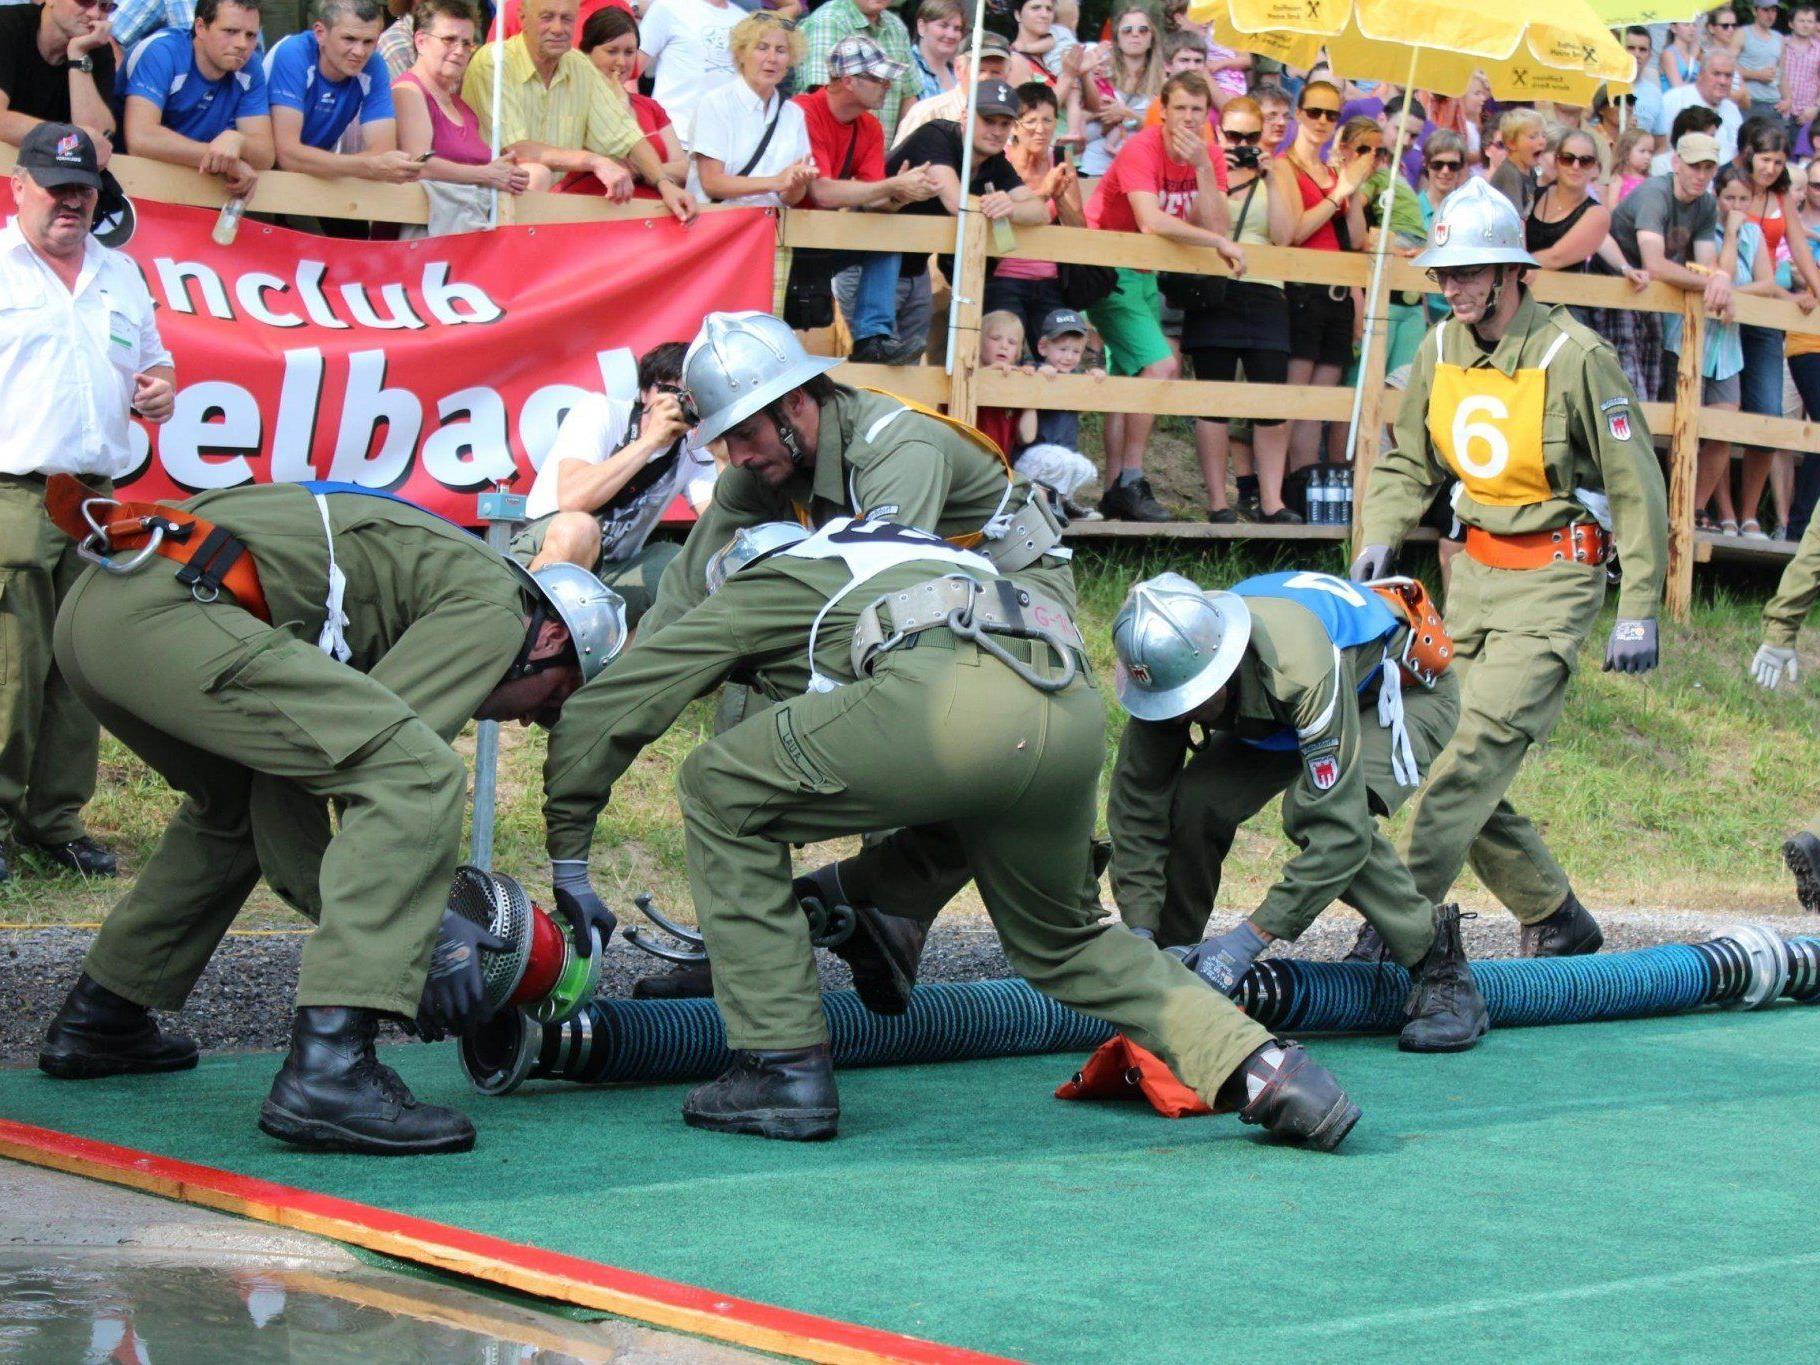 Die Feuerwehr aus Müselbach verpasste knapp den Sieg.